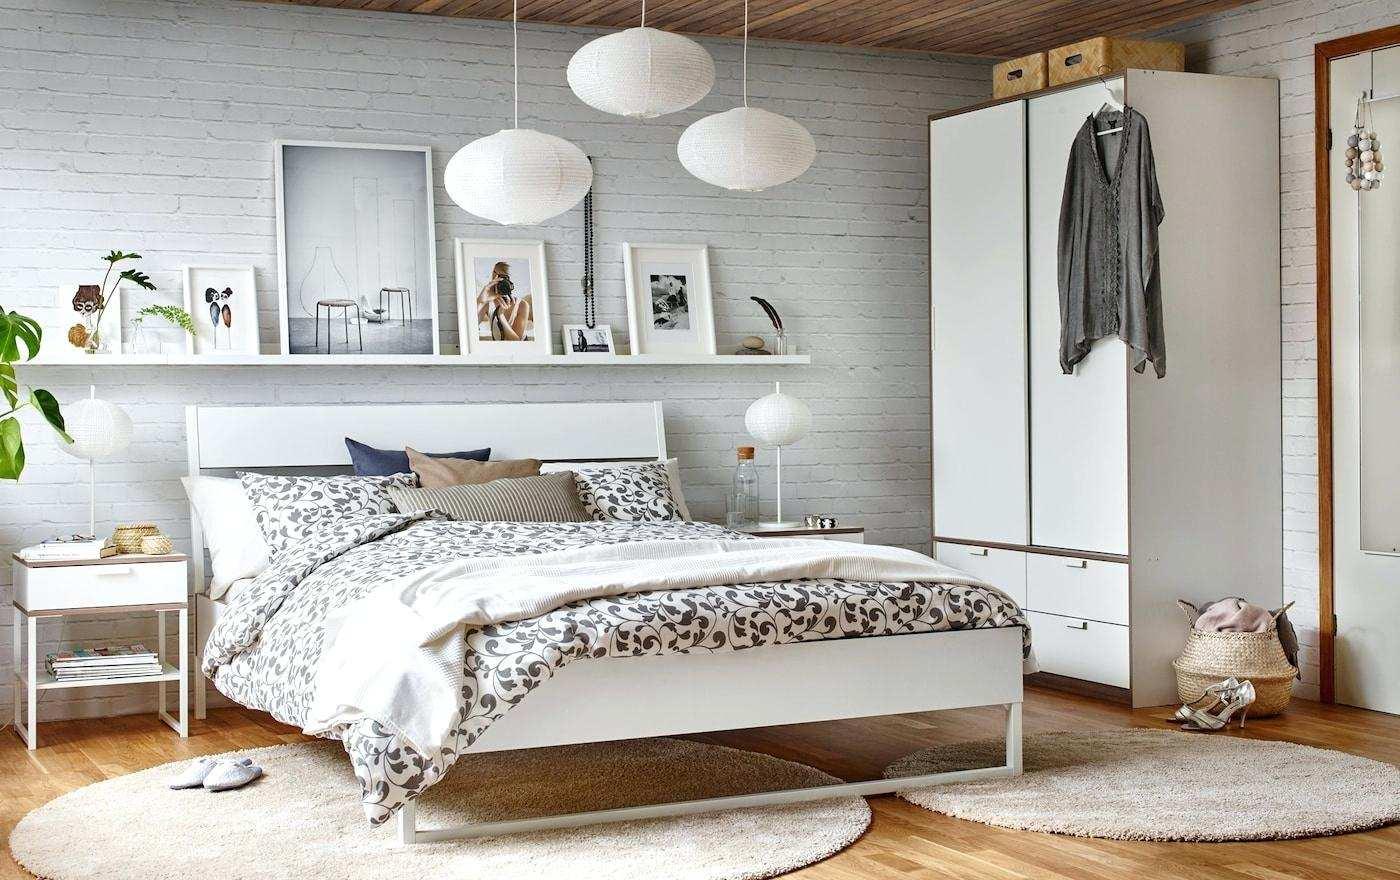 Full Size of Bett Mit überbau Ikea Mbel Schlafzimmer Luxus Einrichten Inspiration Einfaches 180x200 Bettkasten Kinder Ohne Kopfteil Topper Fenster Lüftung Günstig Wohnzimmer Bett Mit überbau